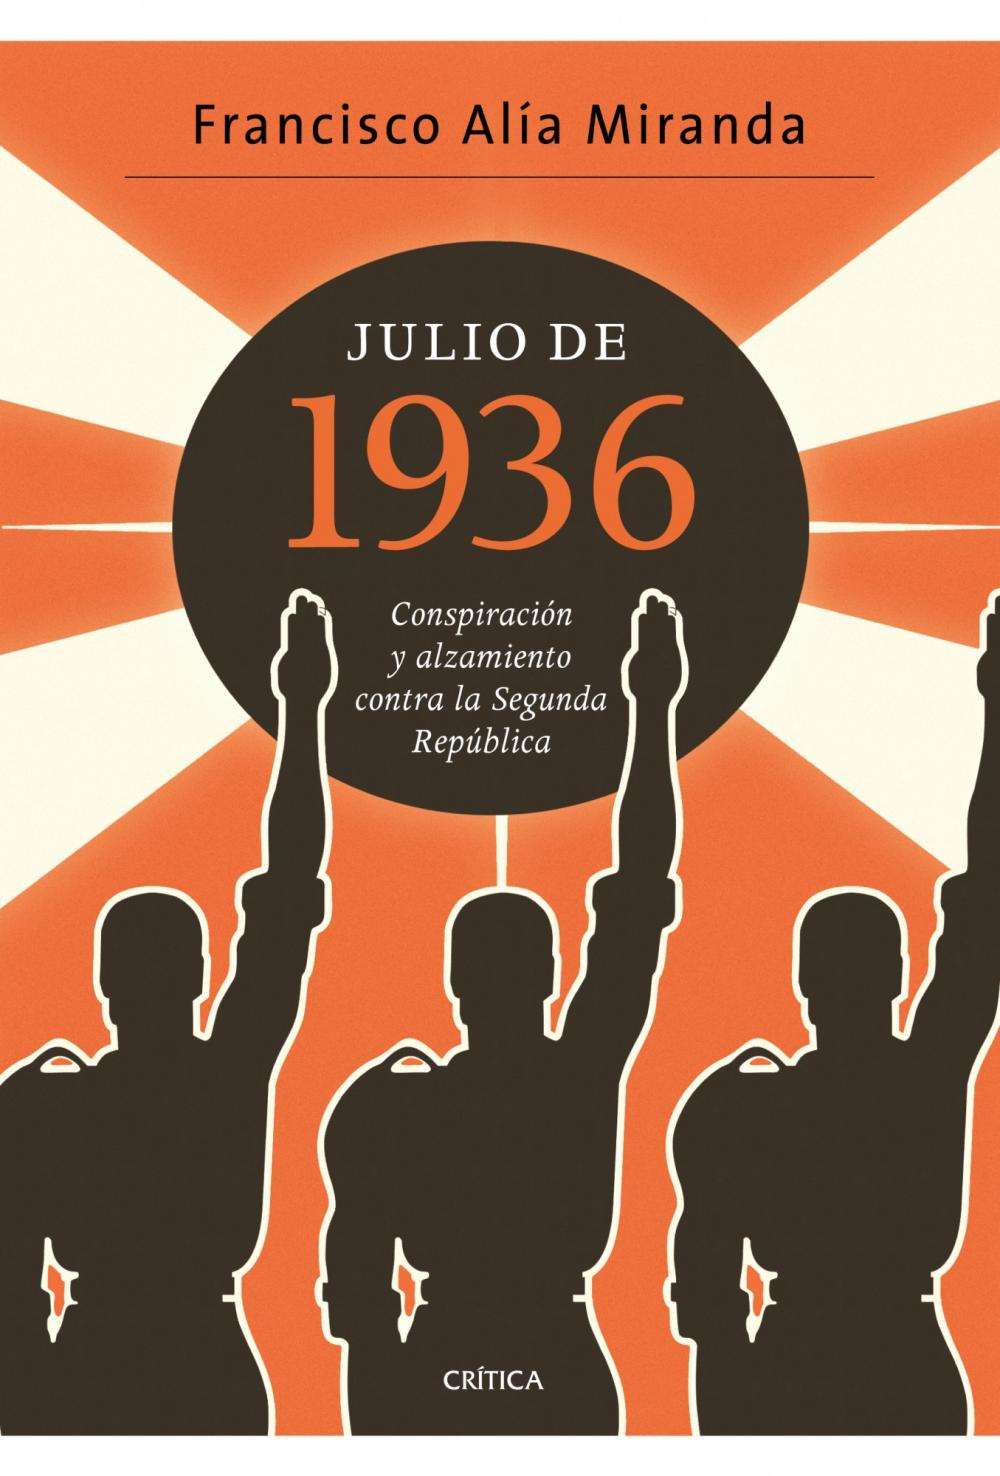 Julio de 1936